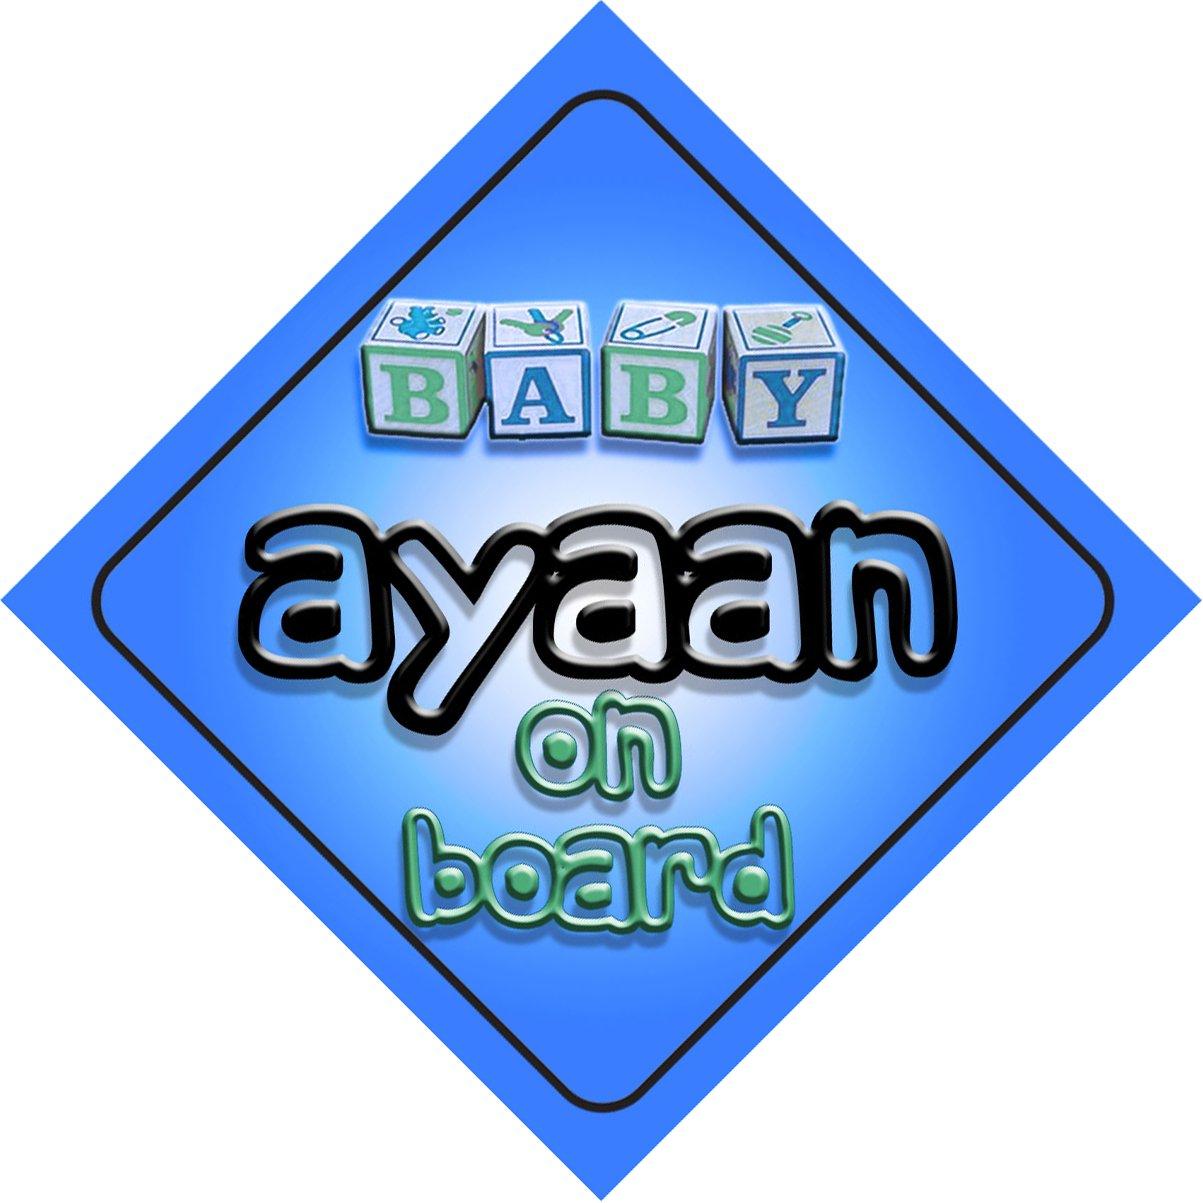 Bébé Garçon Ayaan on Board fantaisie Panneau de voiture Cadeau/cadeau pour nouveau/enfant nouveau-né